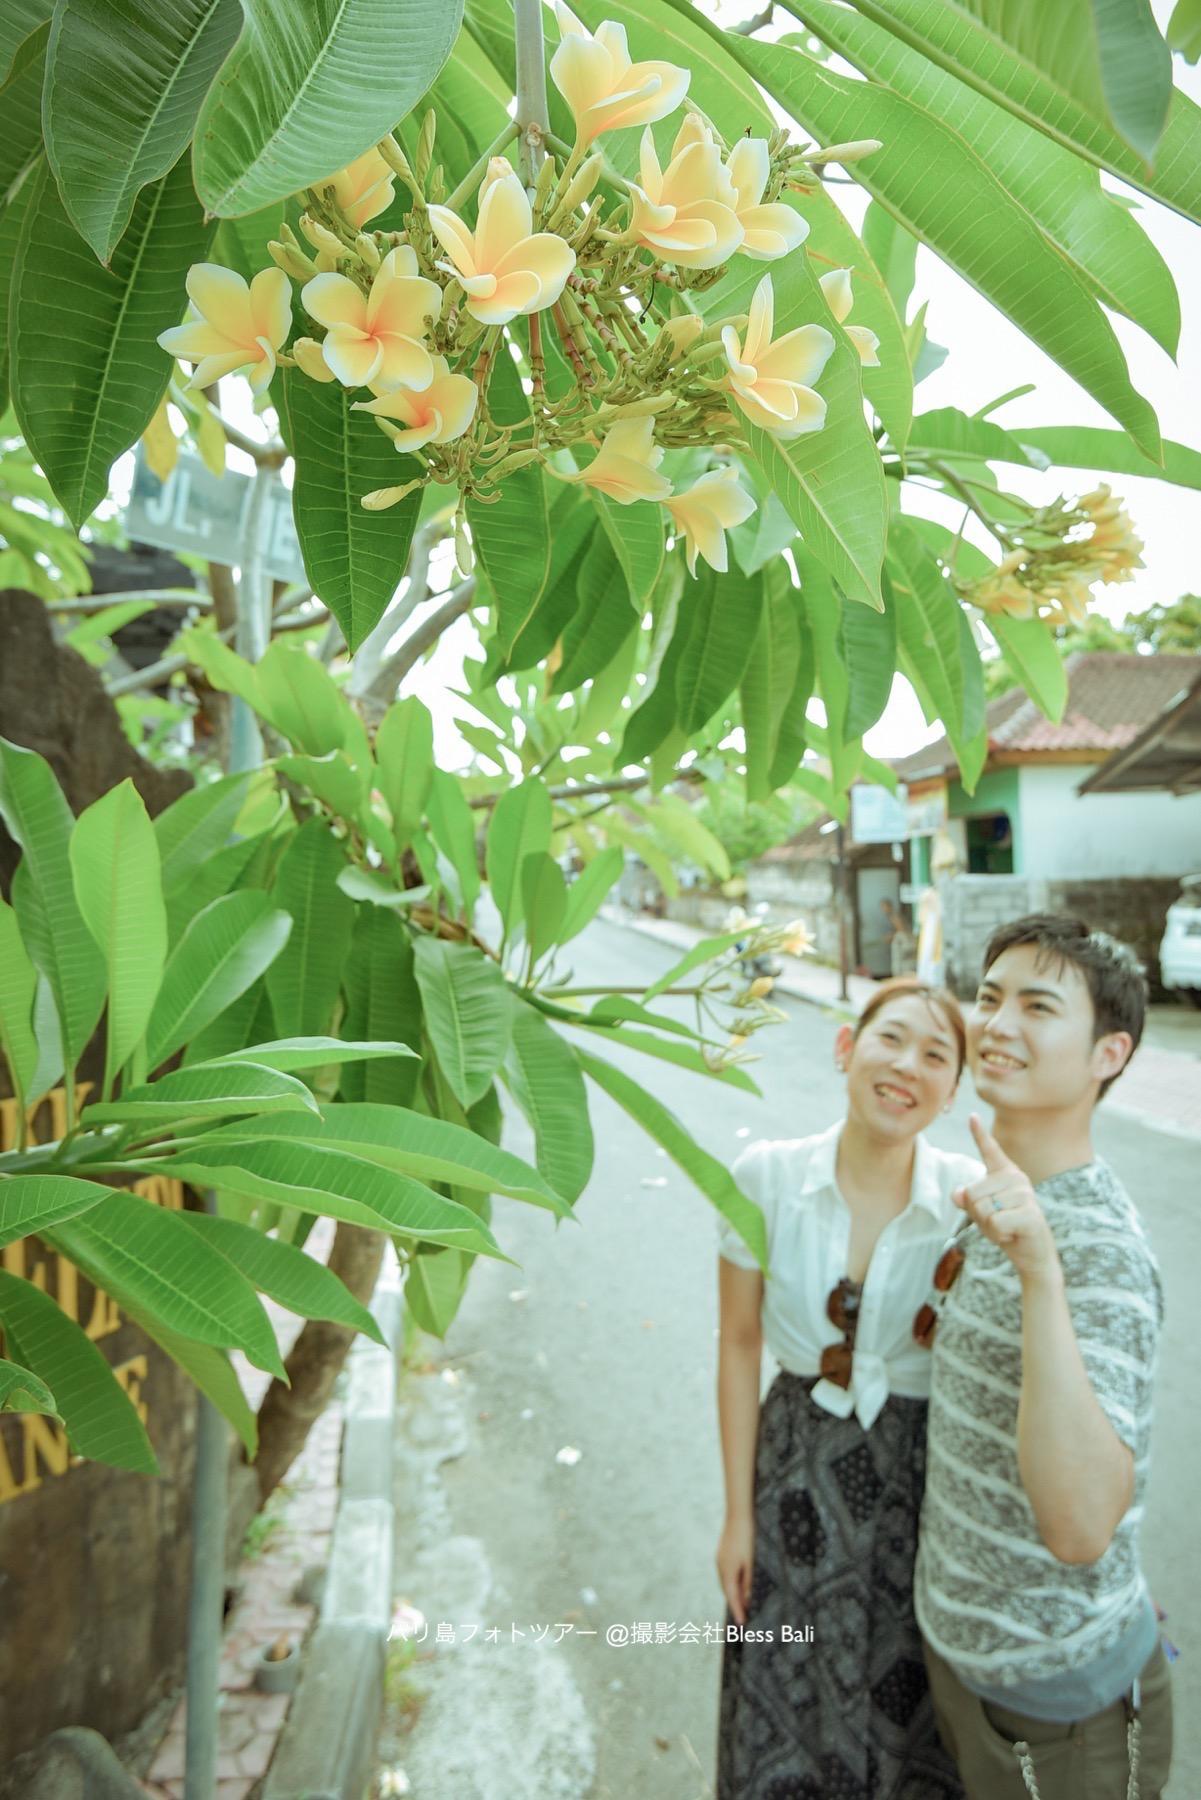 バリ島街フォトを撮影中にフランジパニの木の下で